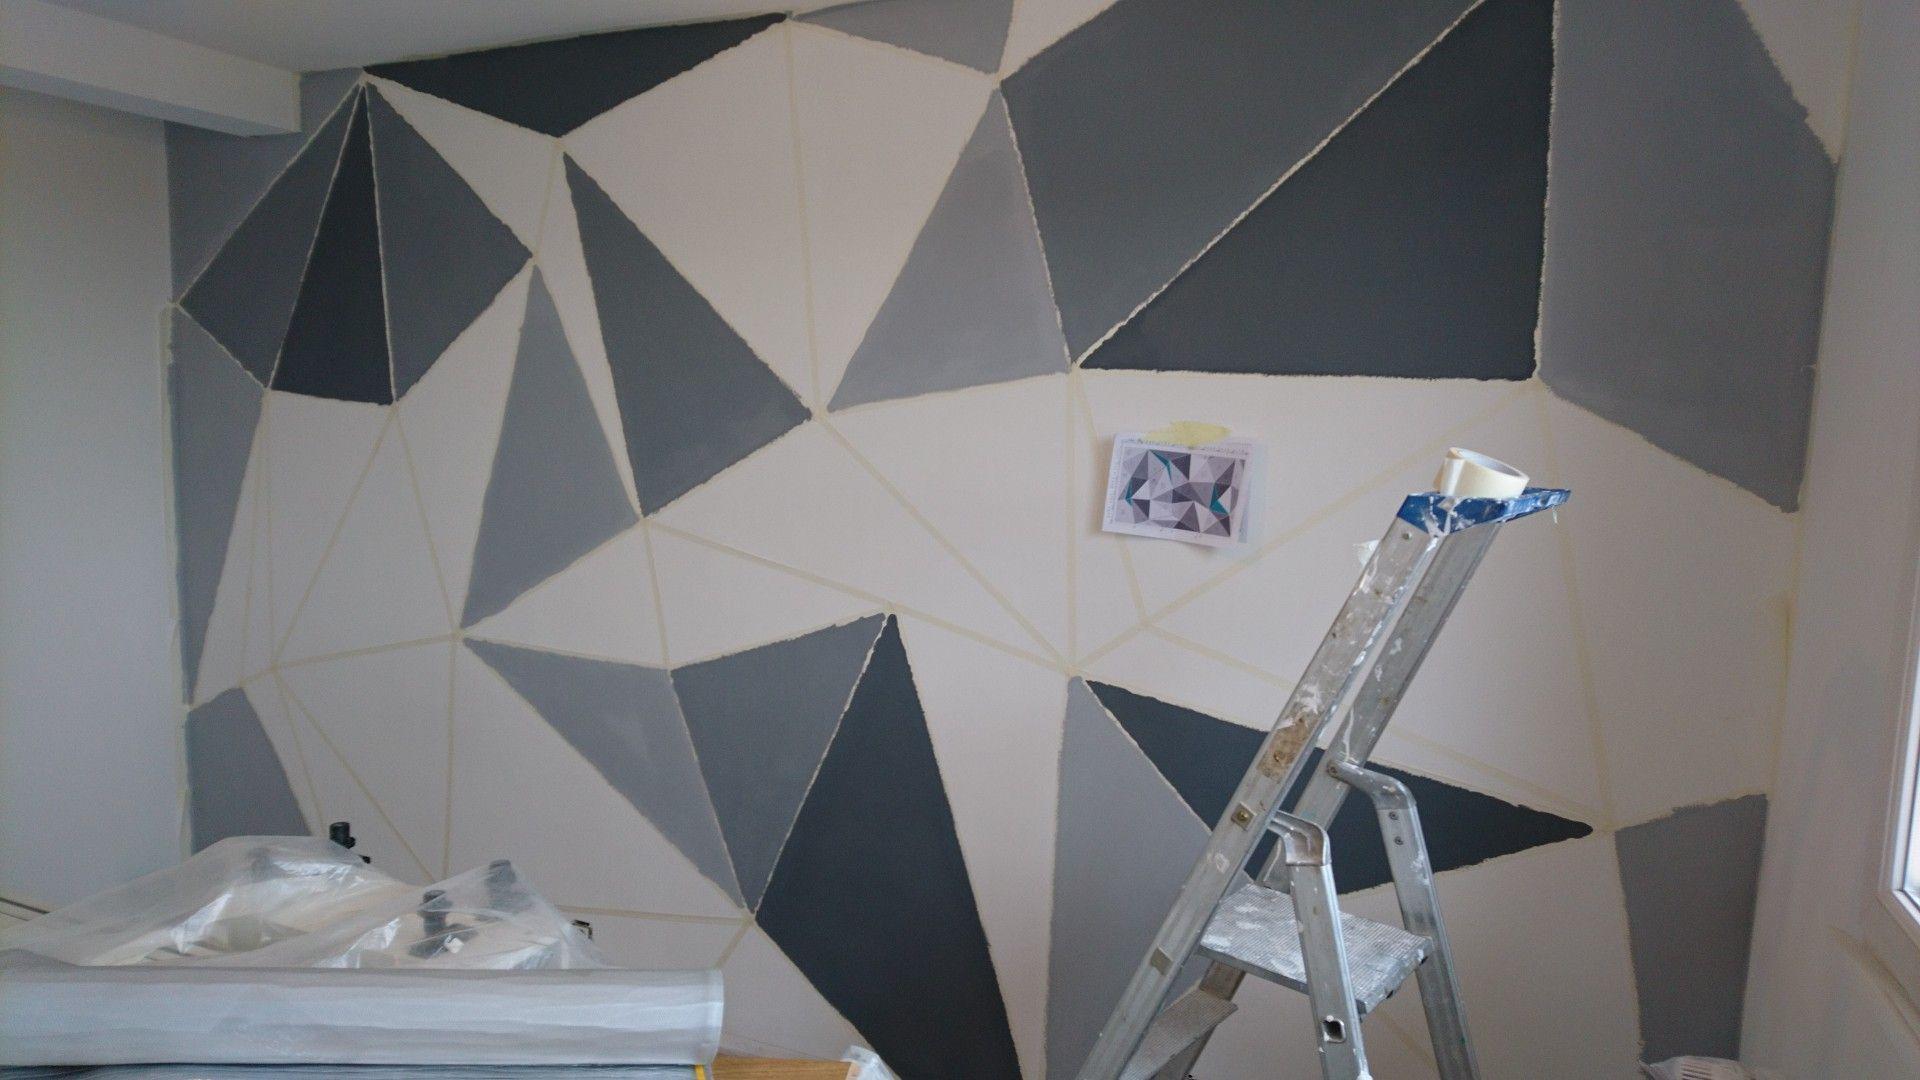 Peindre Triangle Sur Mur peinture triangle mur chambre deco | deco, peinture, triangle